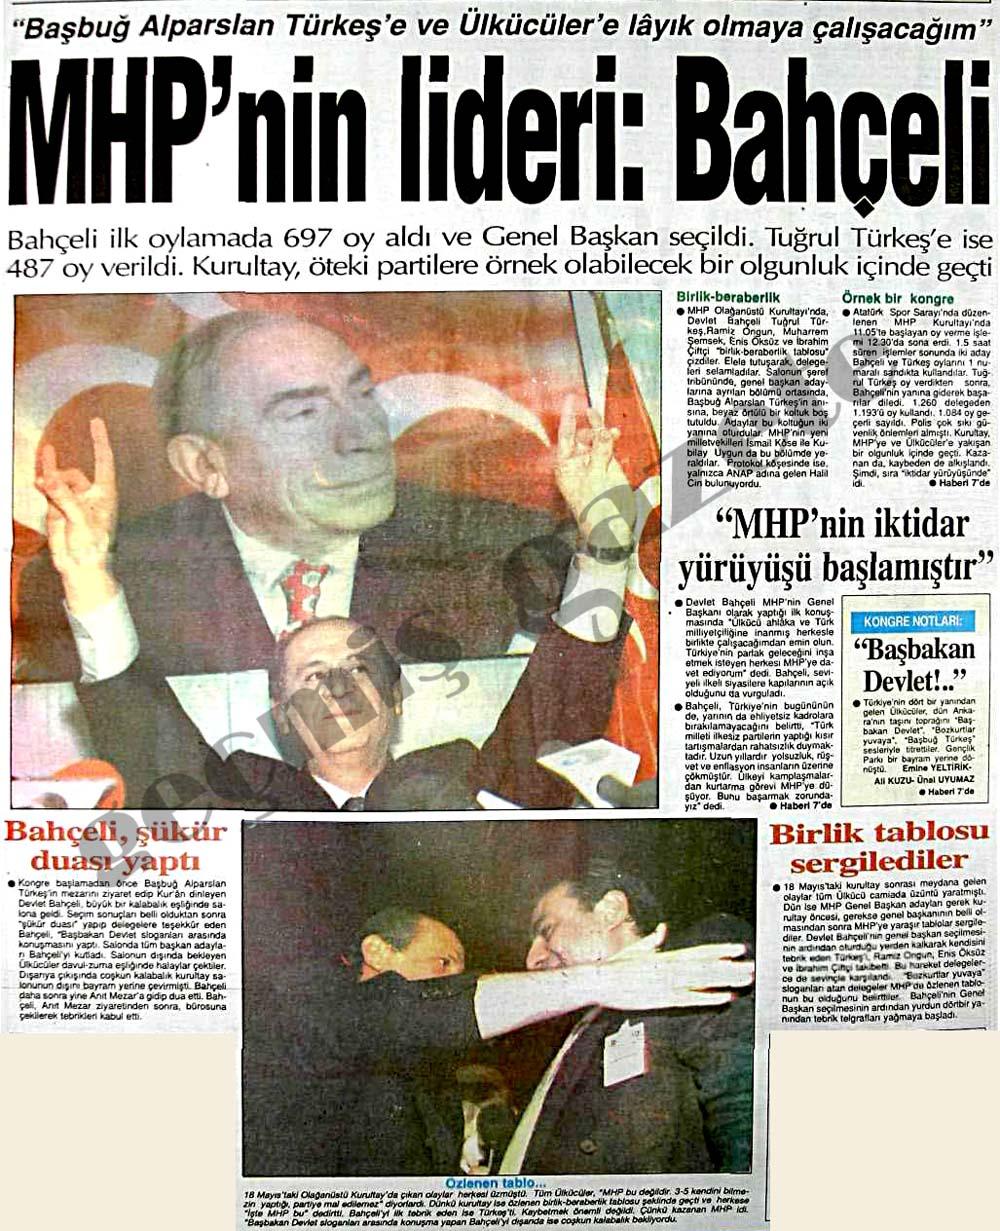 MHP'nin lideri: Bahçeli